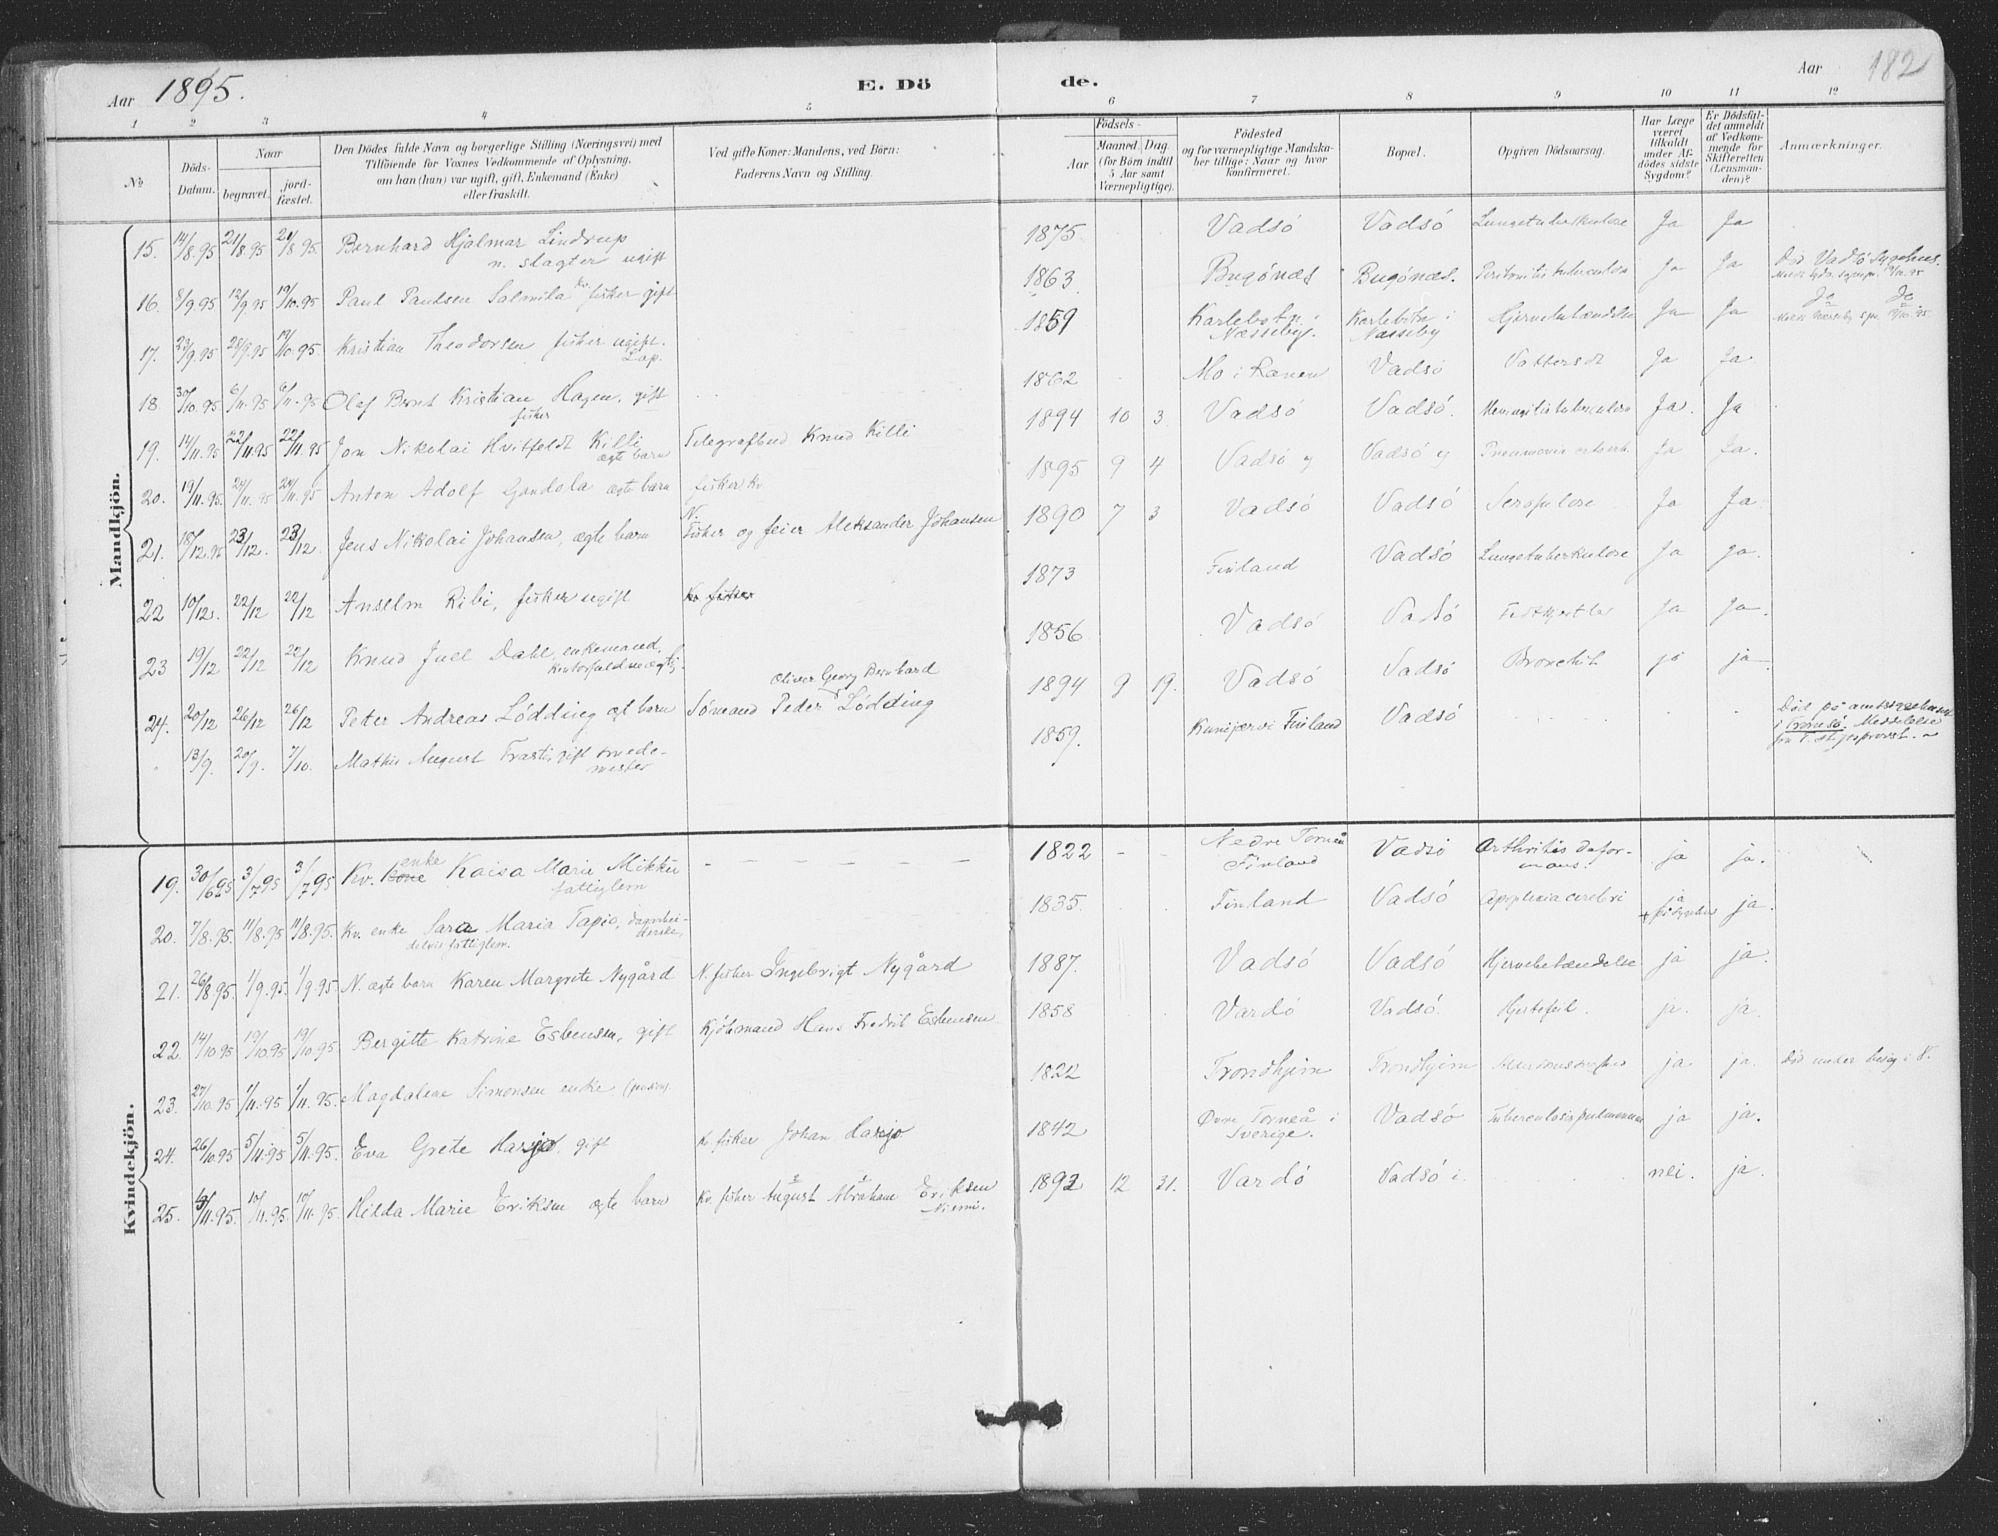 SATØ, Vadsø sokneprestkontor, H/Ha/L0006kirke: Ministerialbok nr. 6, 1885-1895, s. 182